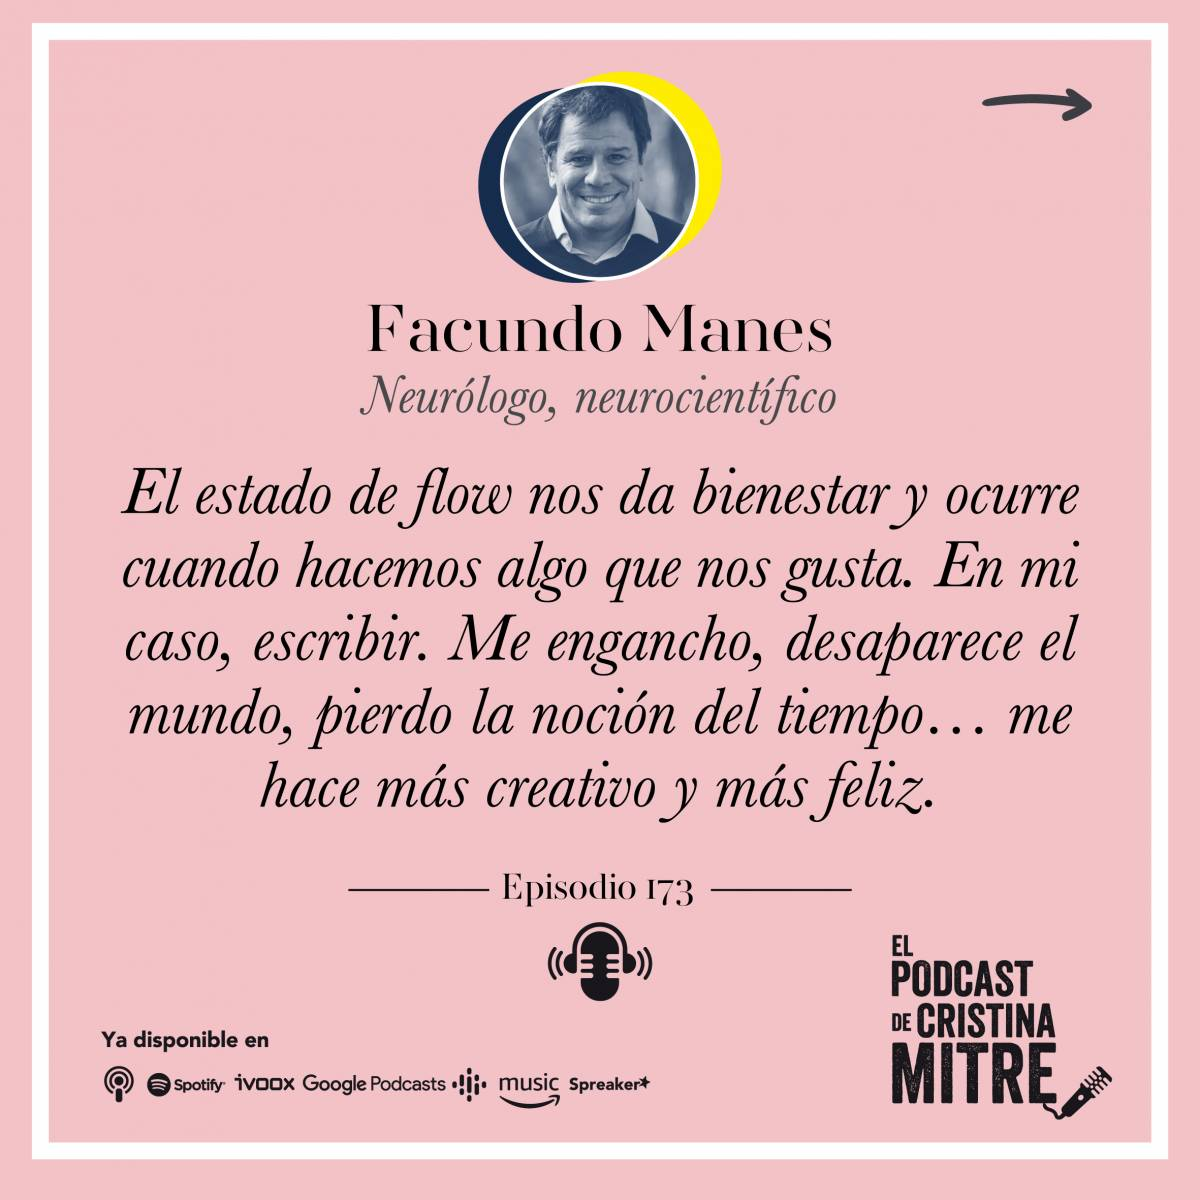 Cuidar el Cerebro felicidad Cristina Mitre Facundo Manes